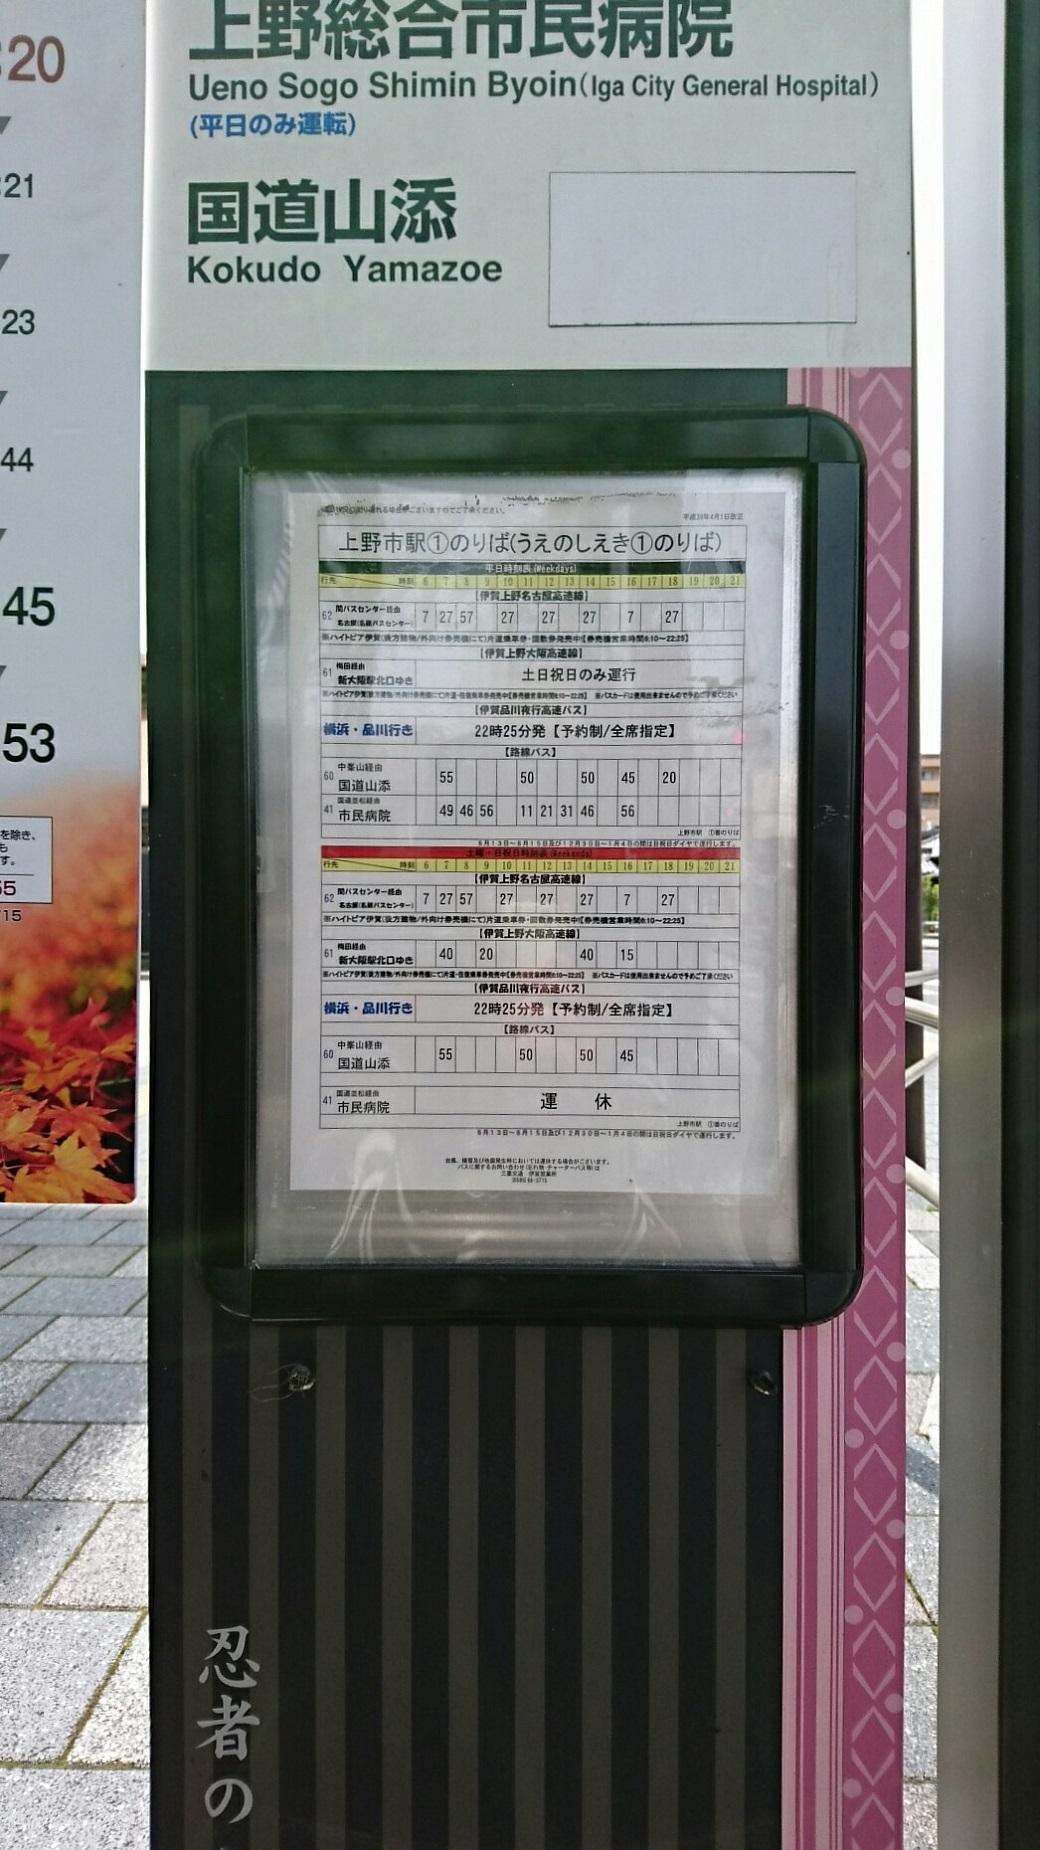 2018.4.26 上野 (95) 上野市駅 - 高速バスのりば時刻表 1040-1850